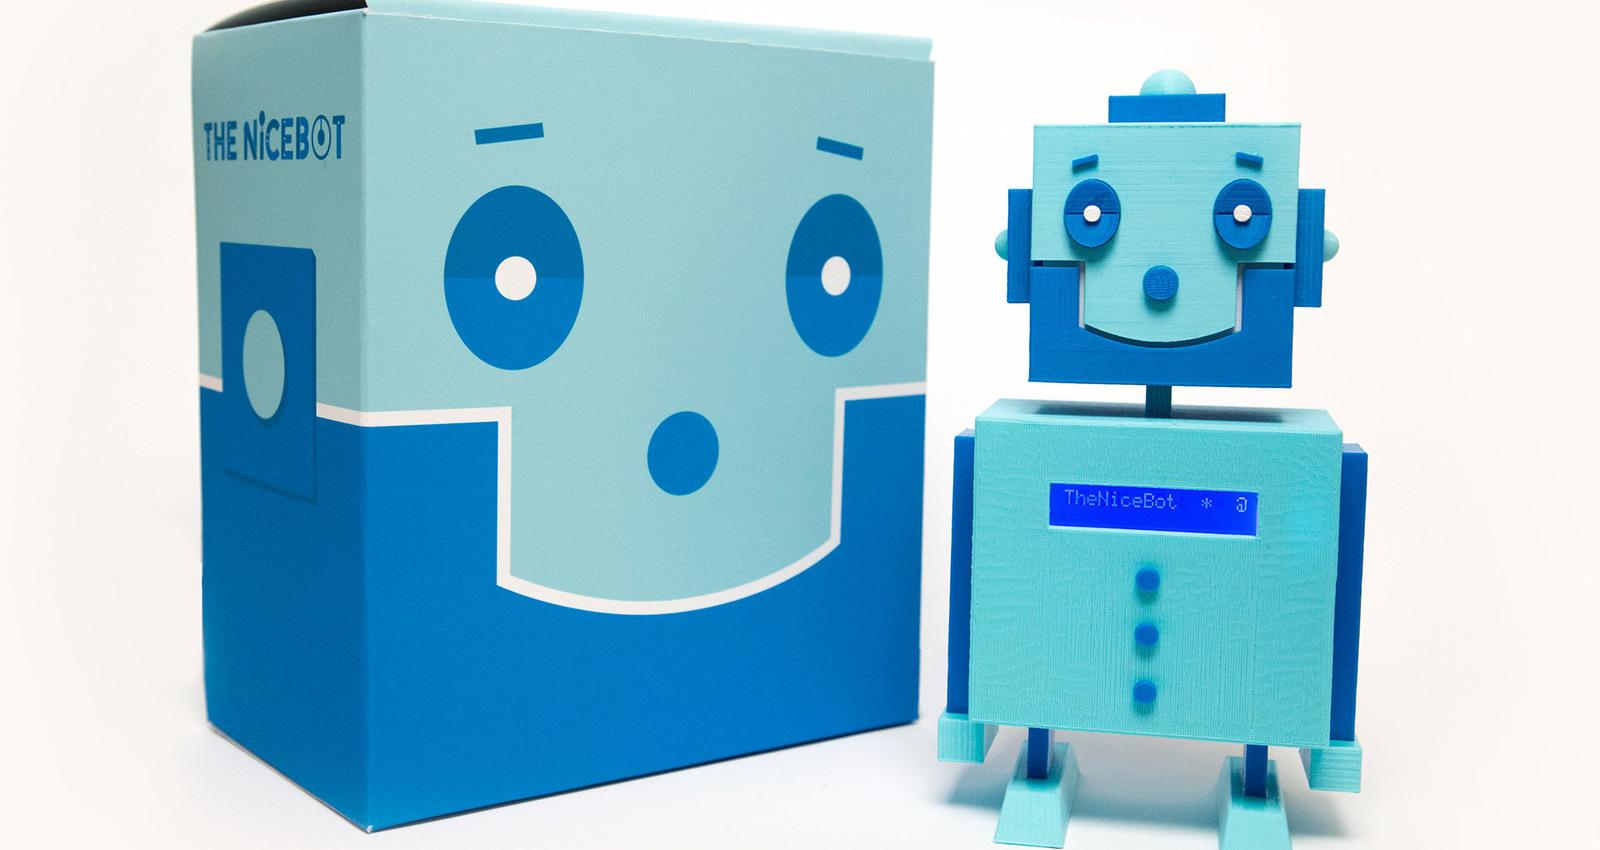 Nicebot